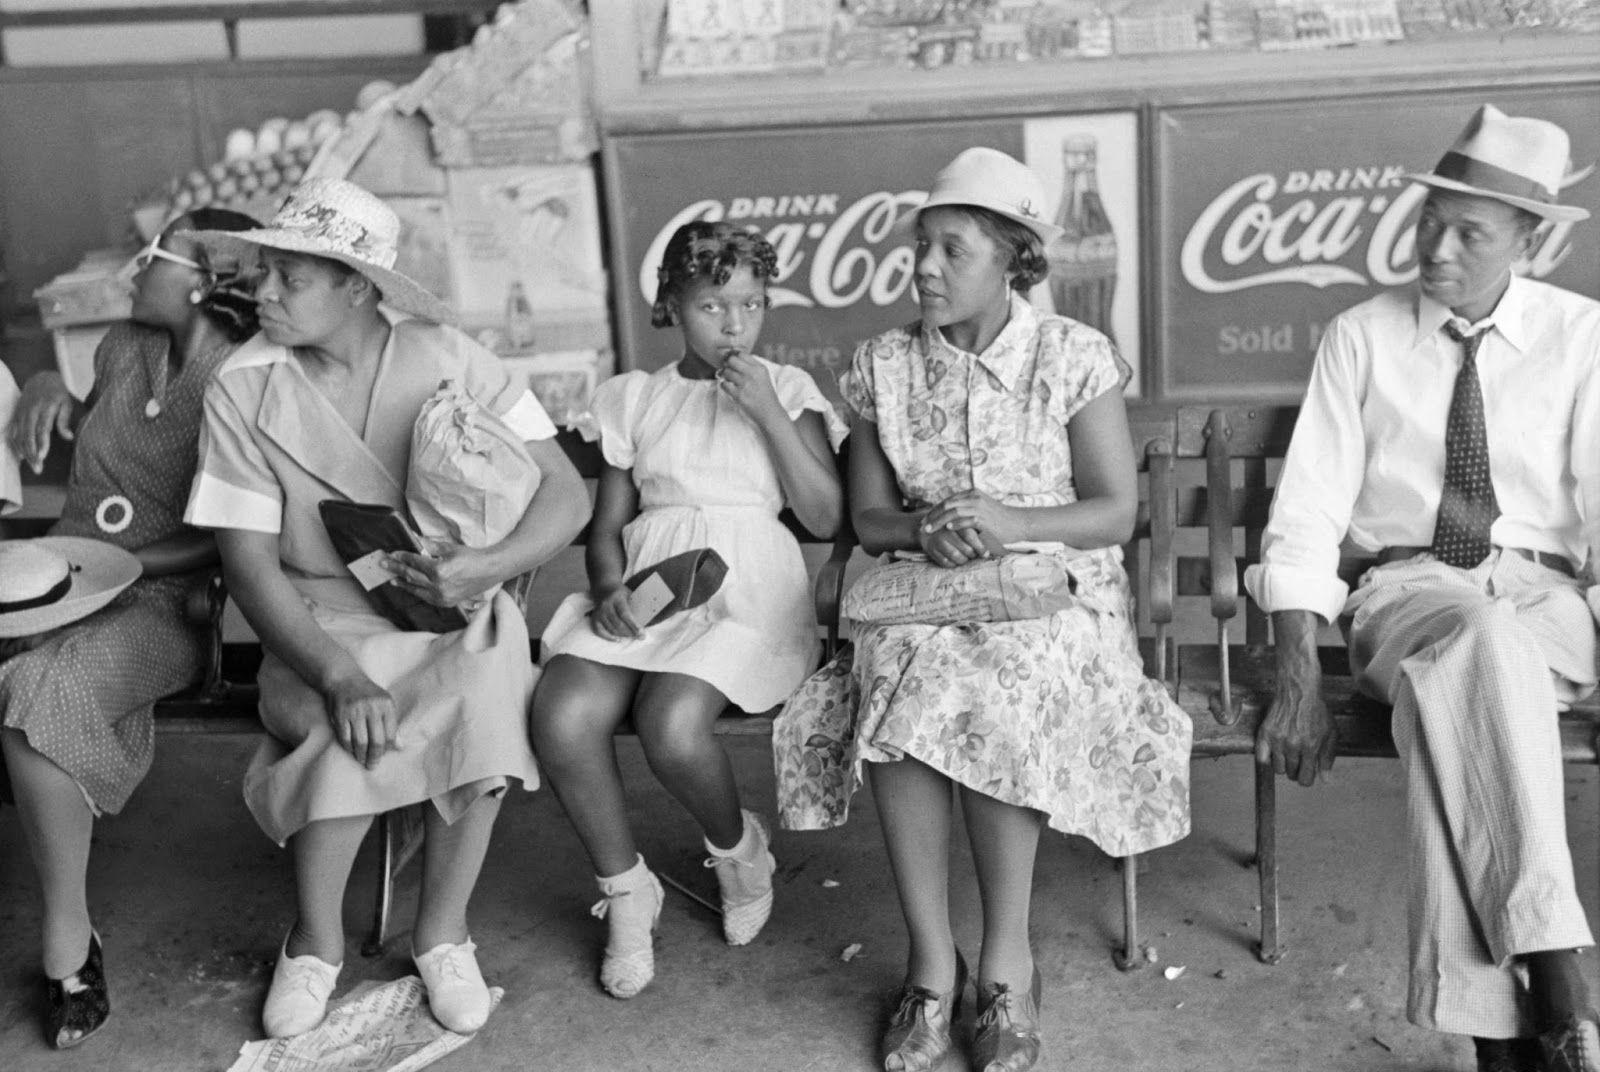 La vida norteamericana cotidiana de los años 40 [FOTOS a todo color] - Página 16 - ForoCoches